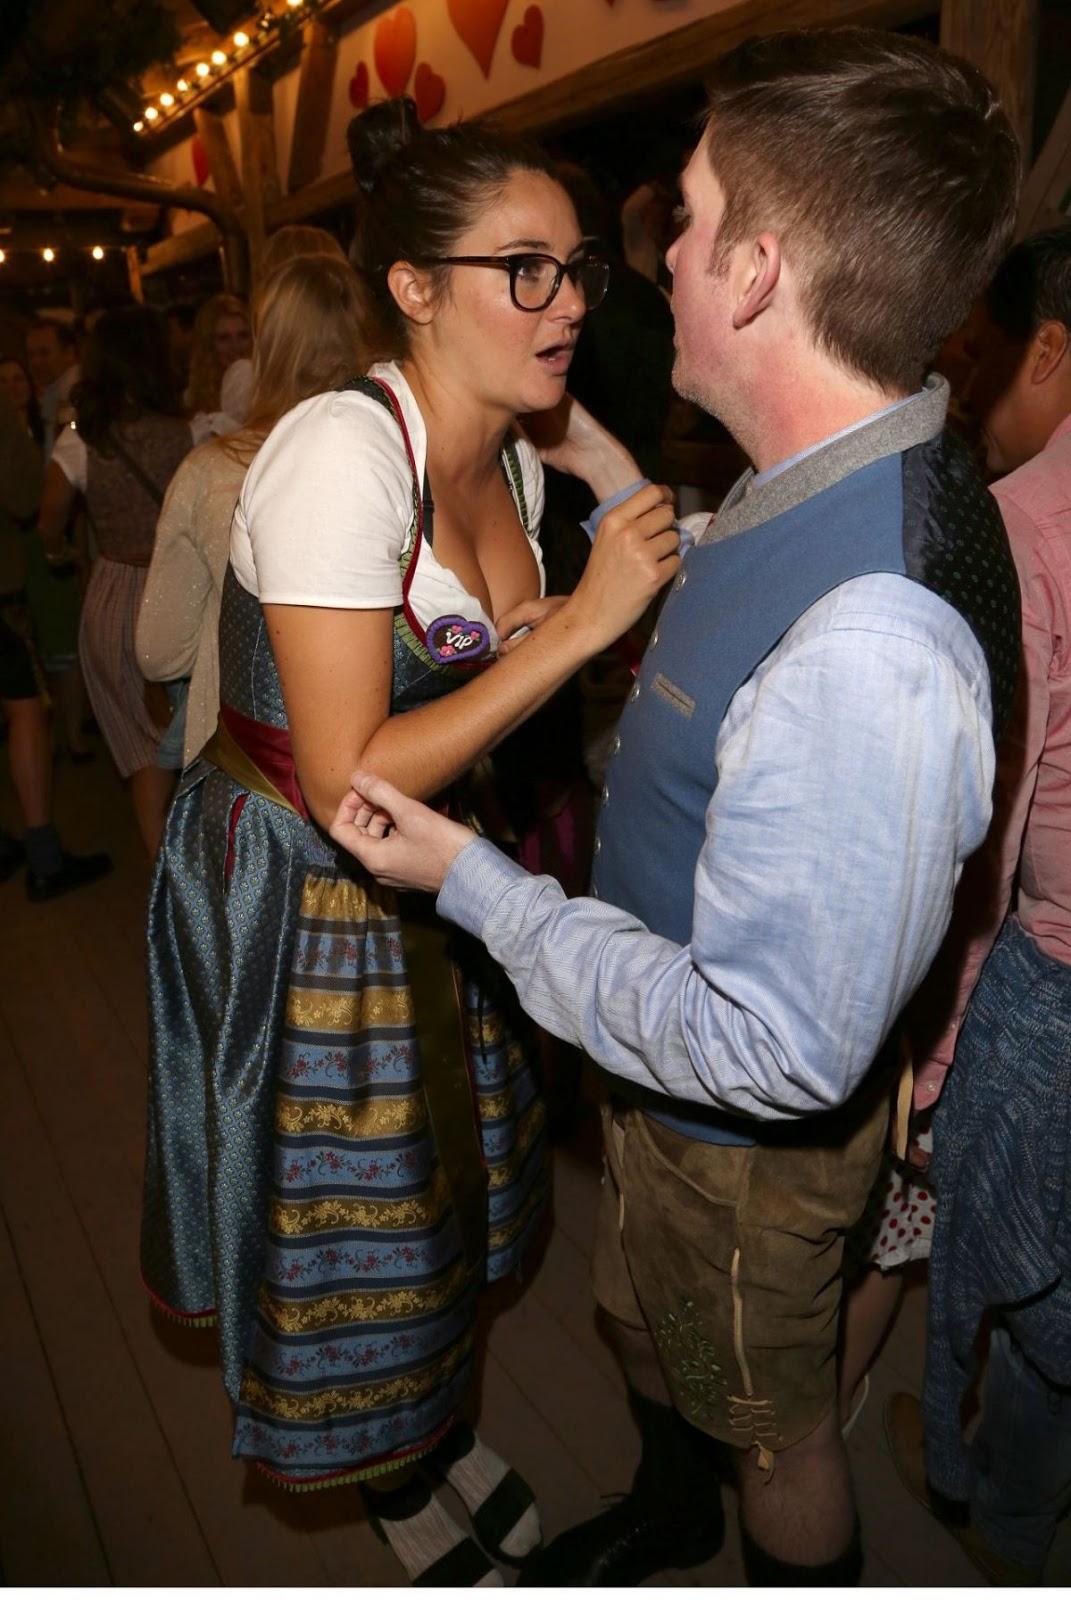 Shailene Woodley at Kaefer Tent for Oktoberfest